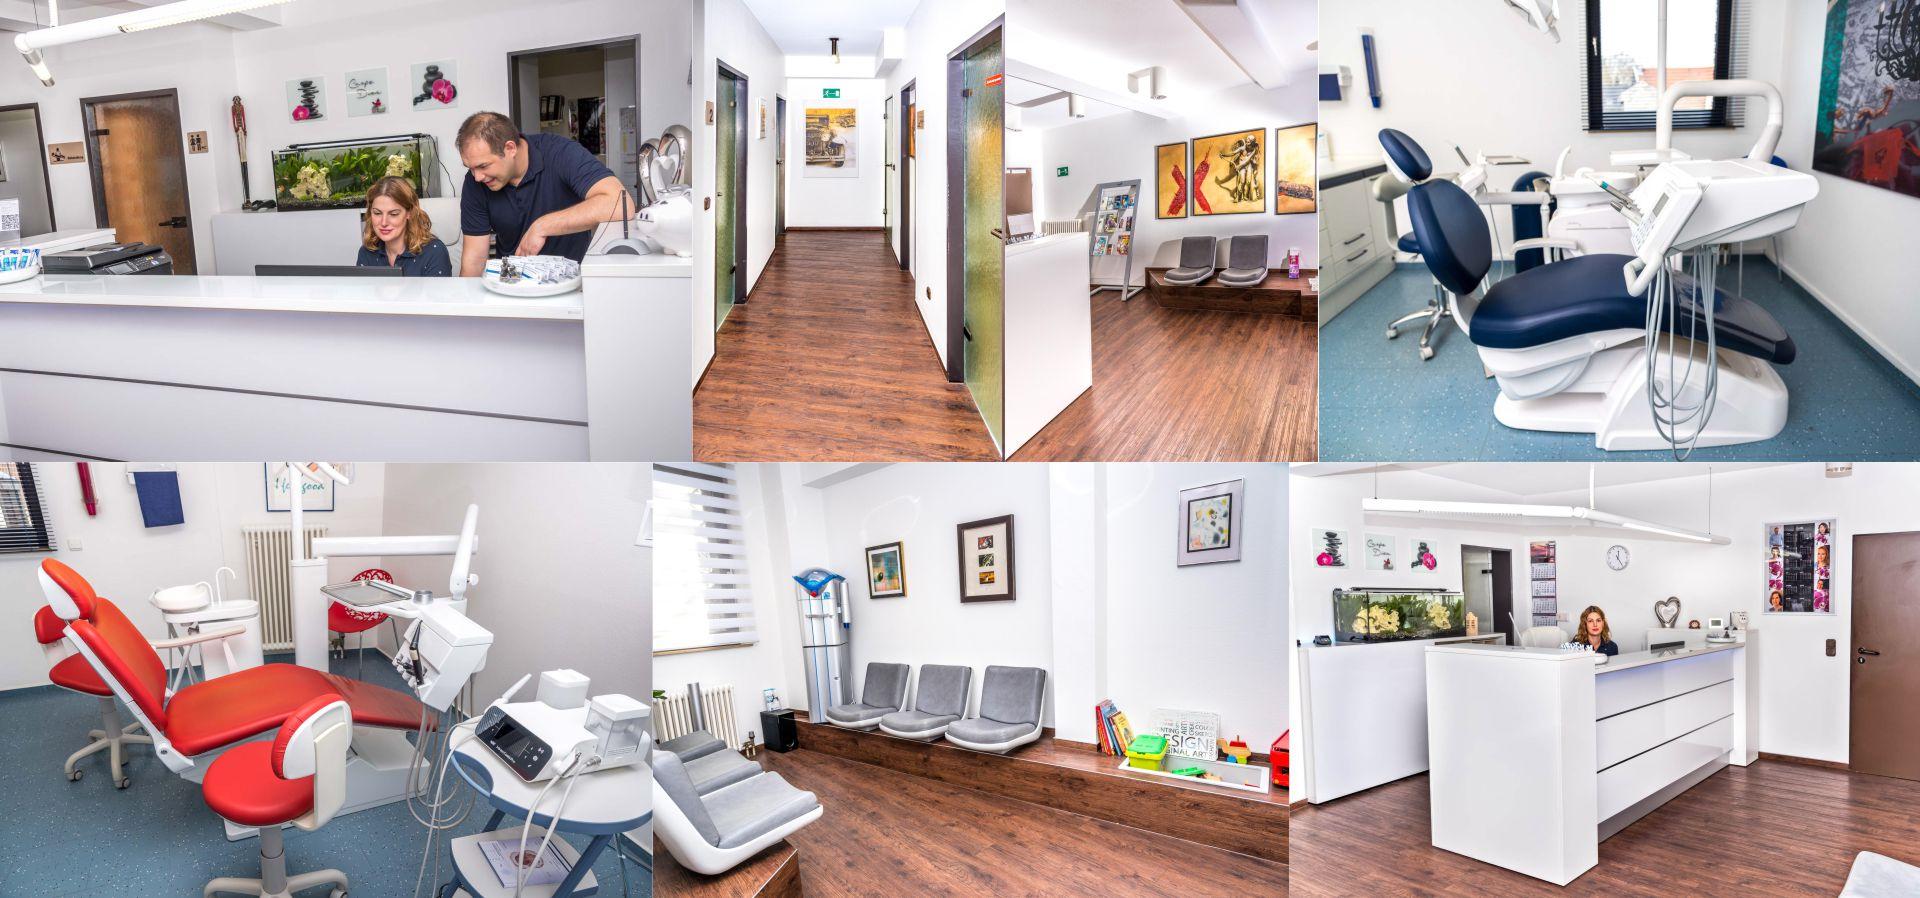 O-ZEN Portfolio Zahnarzt Schwalmtal Lobberich Foto-Collage aud der Praxis, Behandlungsräume, Labor und Technik